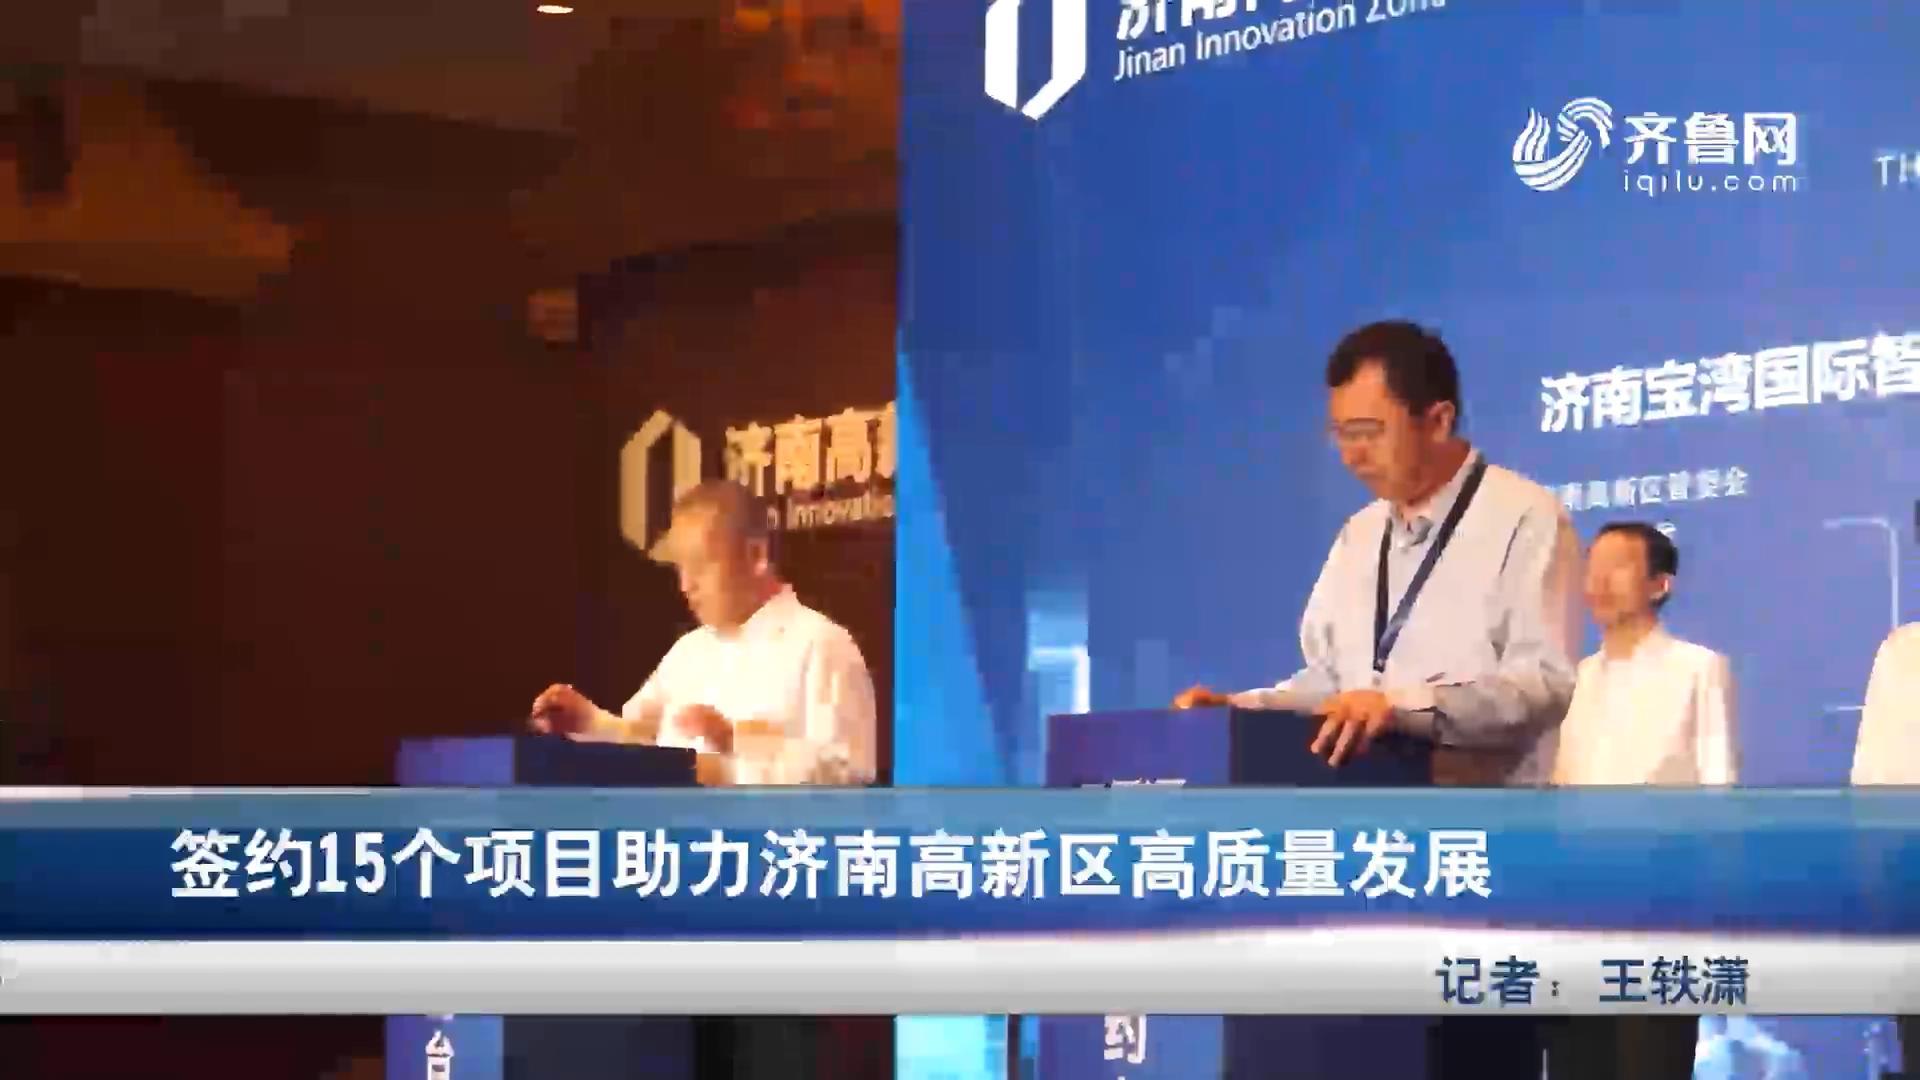 签约15个项目助力济南高新区高质量发展